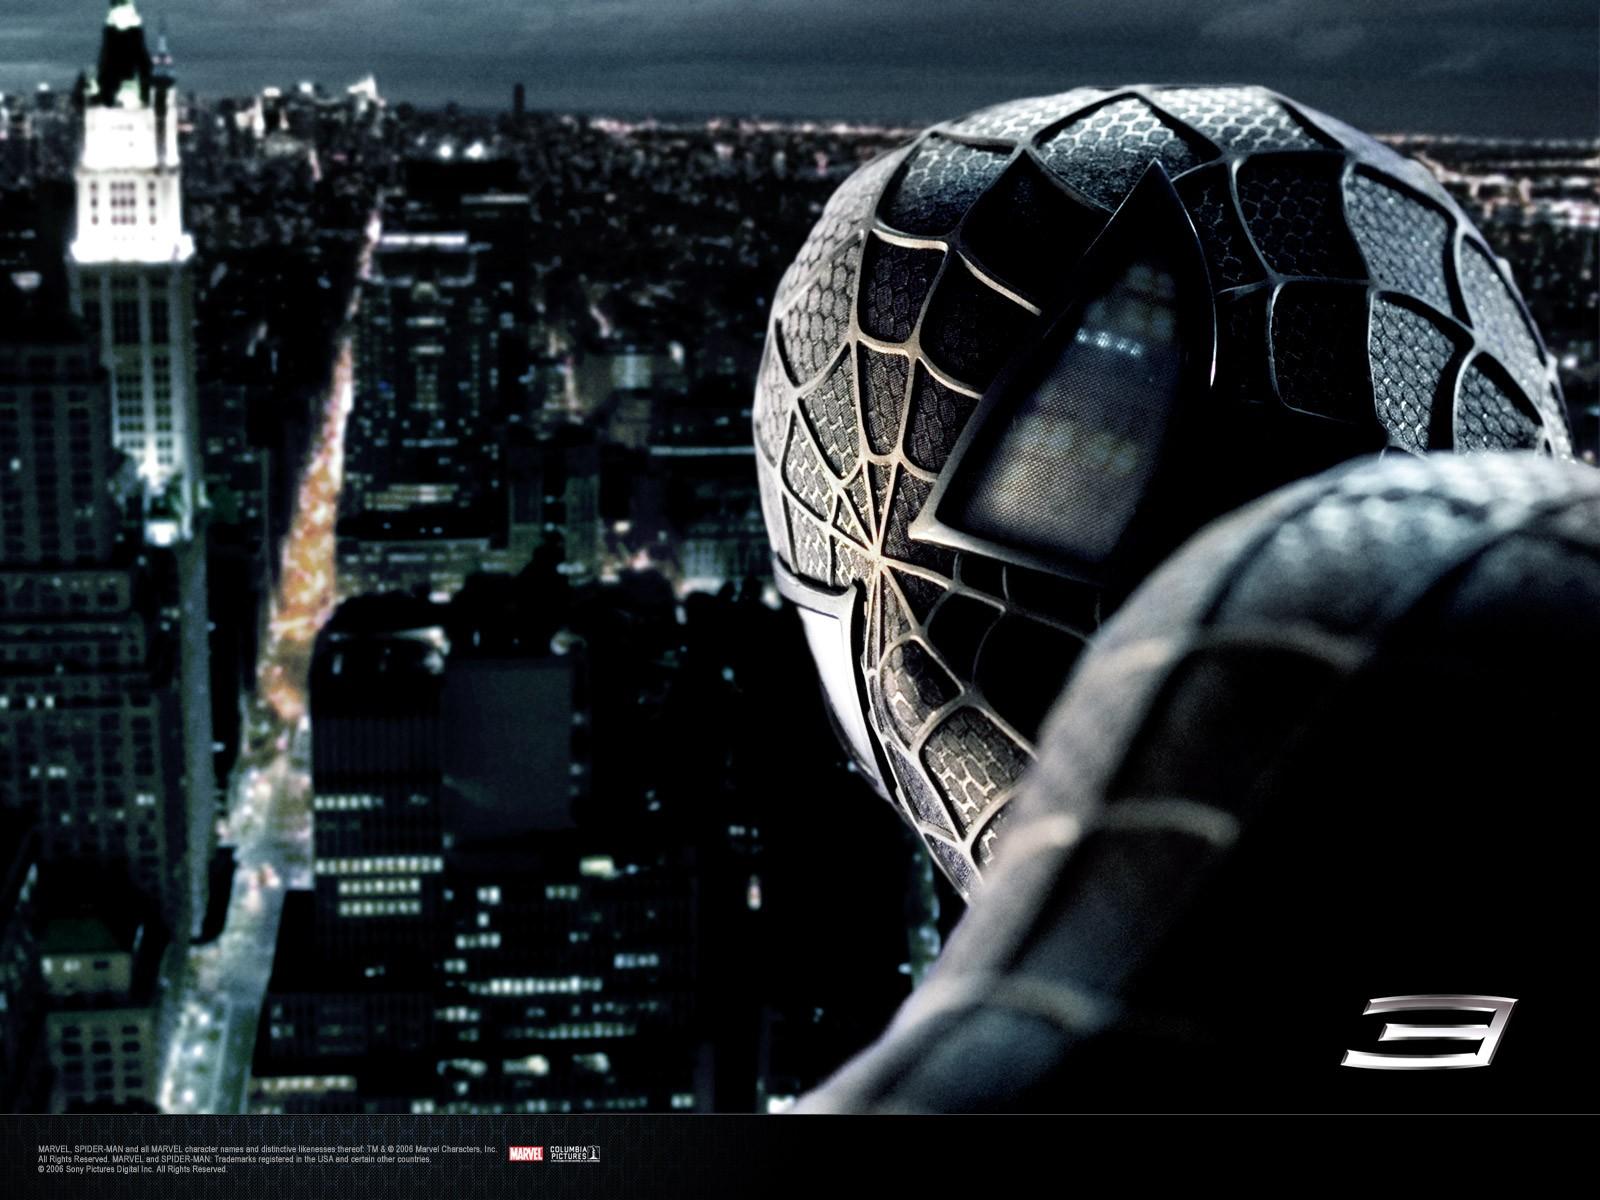 Un primo piano di Spiderman oscuro nel film 'Spider-Man 3'